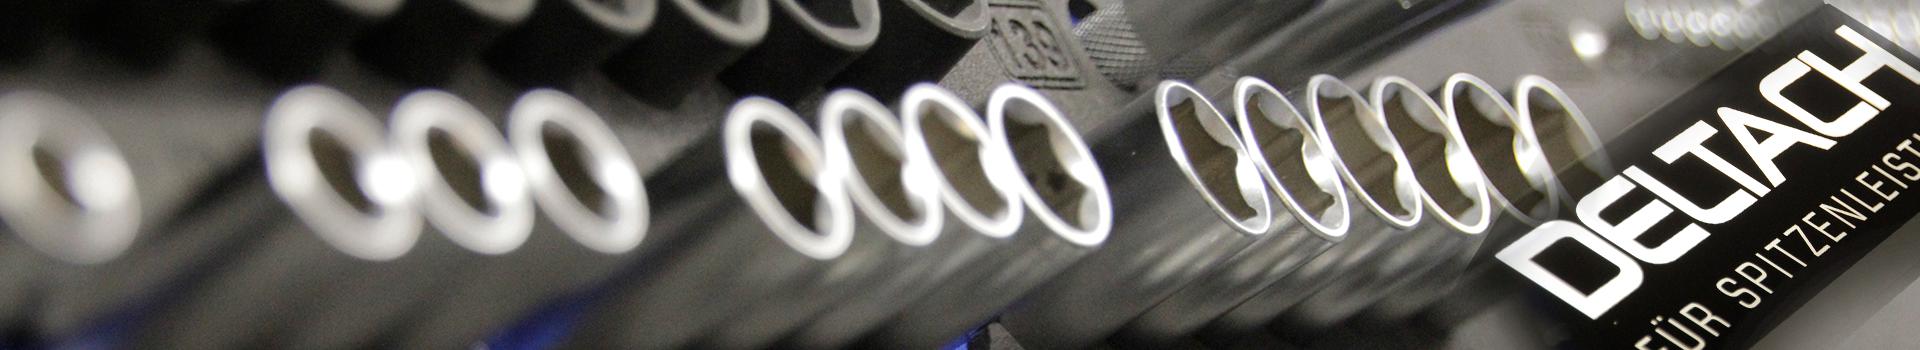 Roskamp Automaterialen gereedschap Deltach